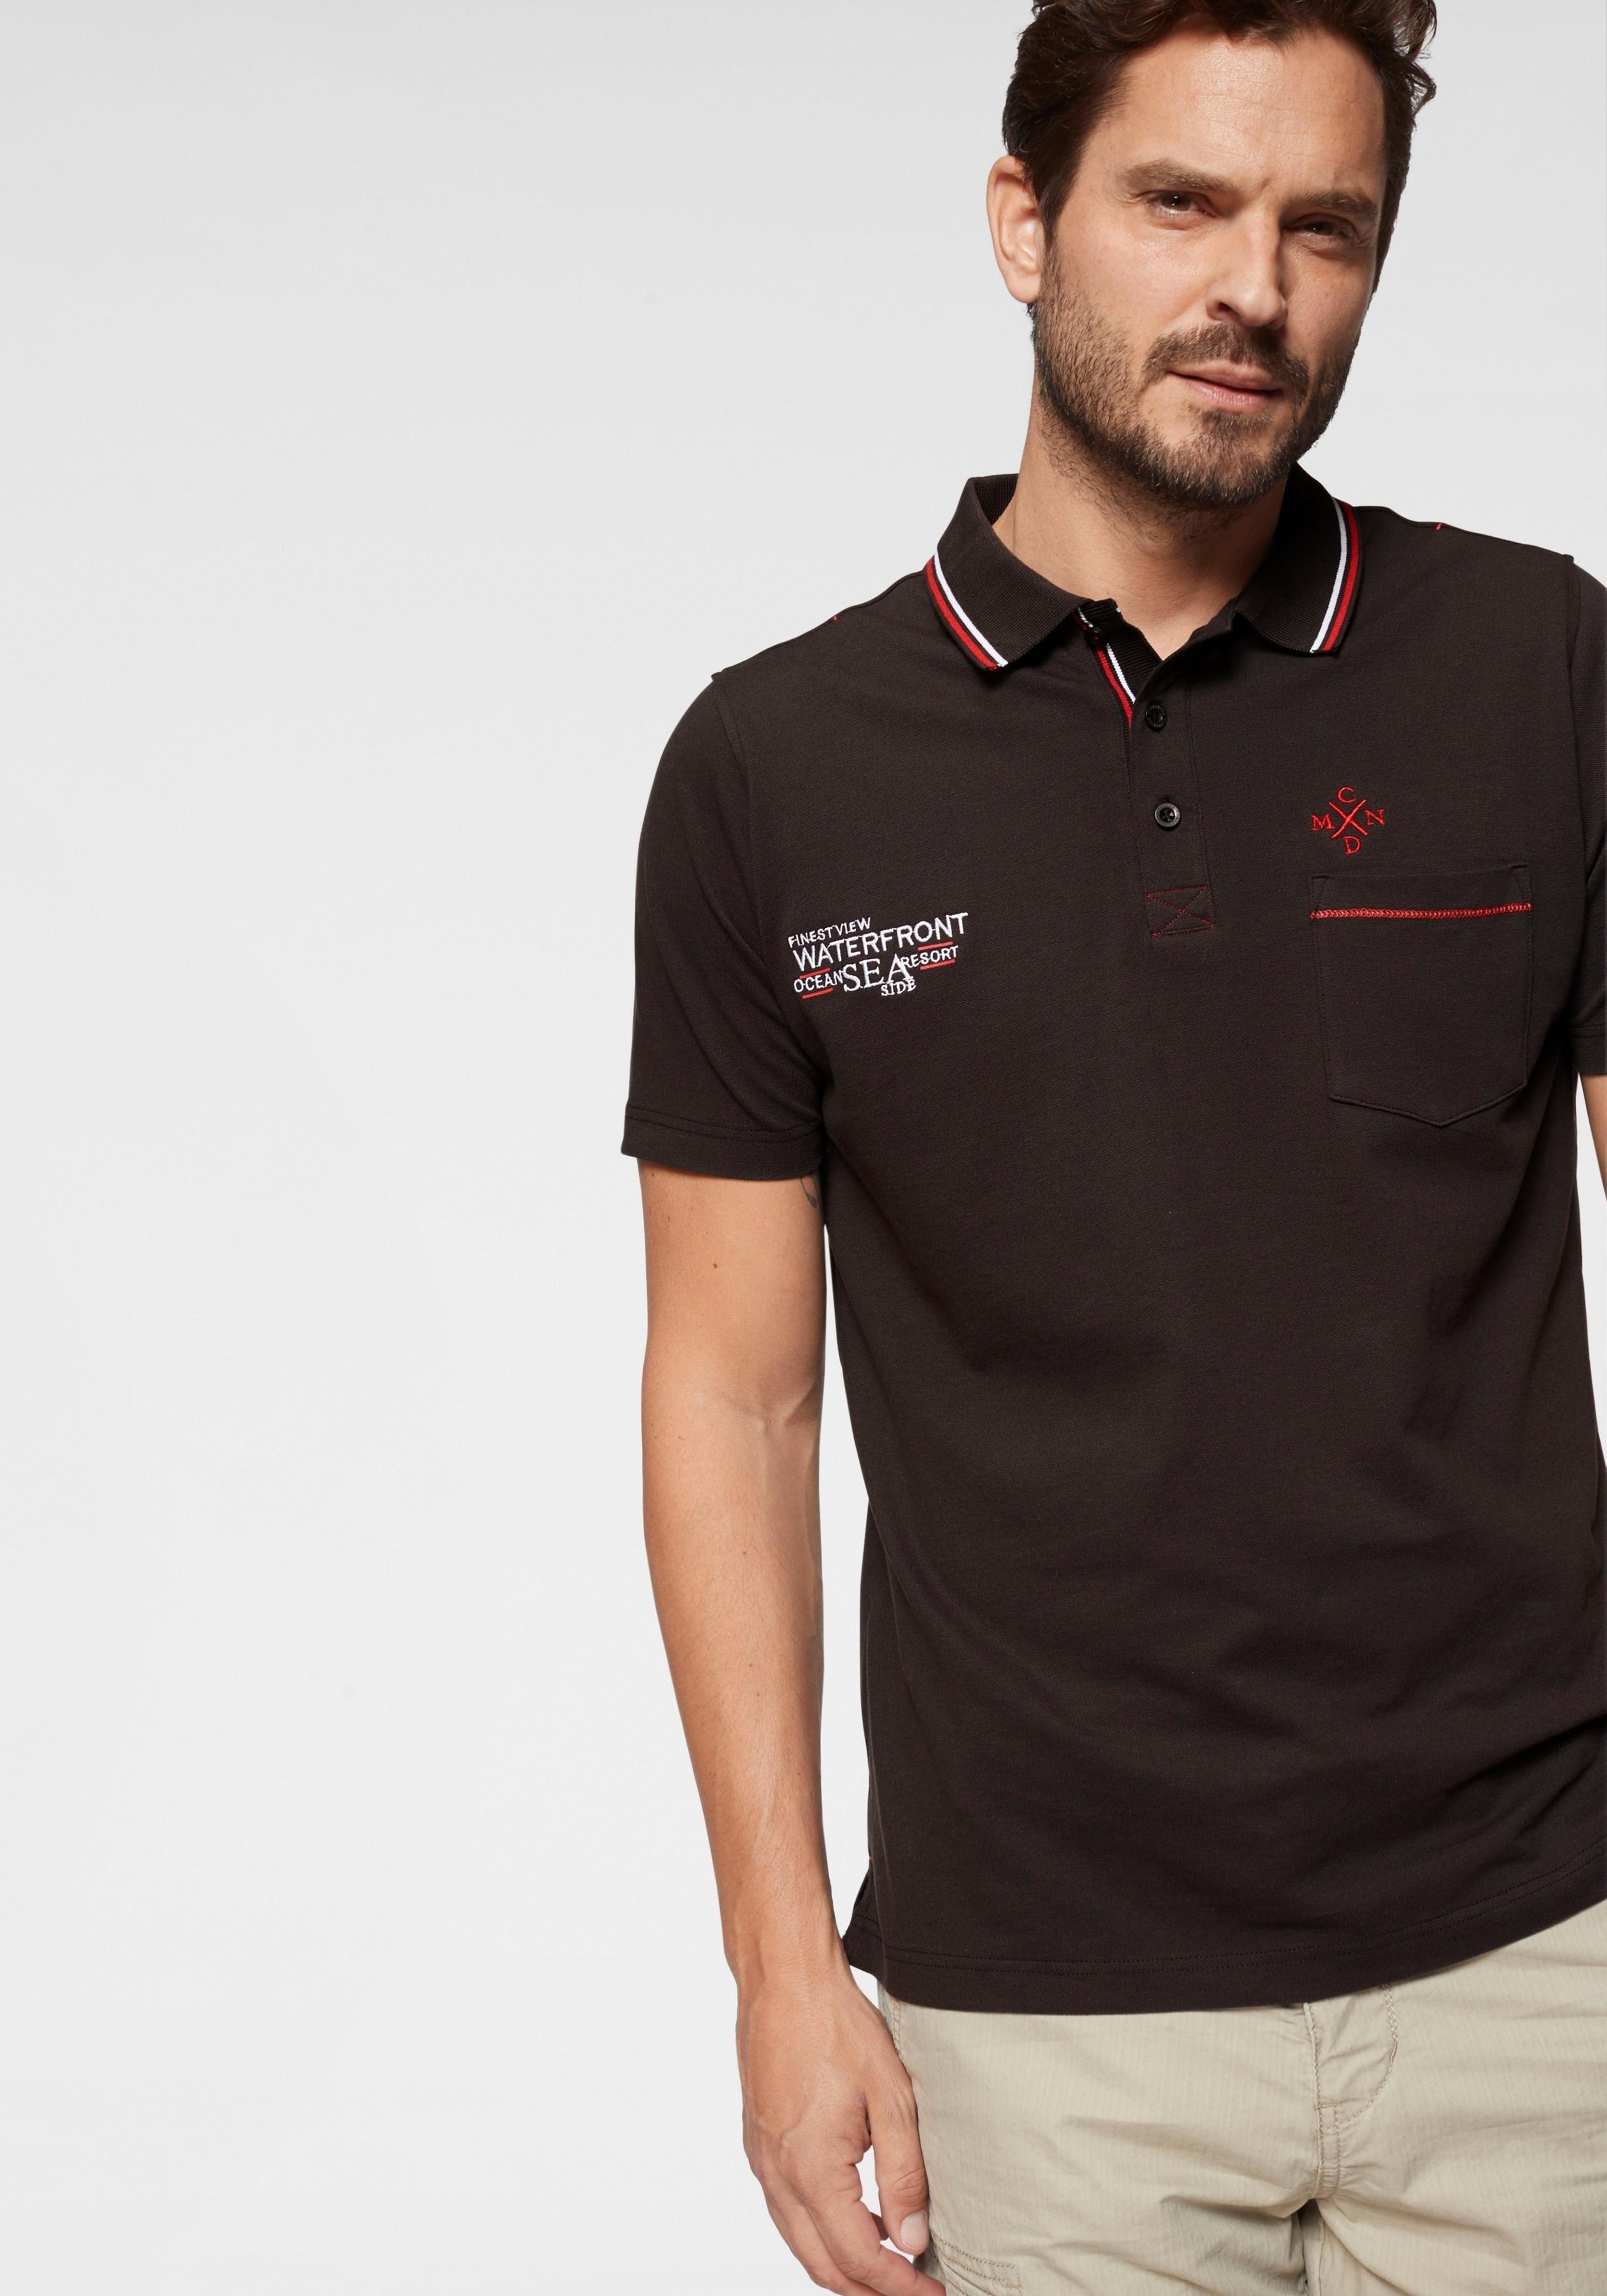 Bij Poloshirt Bestellen Bestellen Poloshirt Bij Commander Commander c3TFKul1J